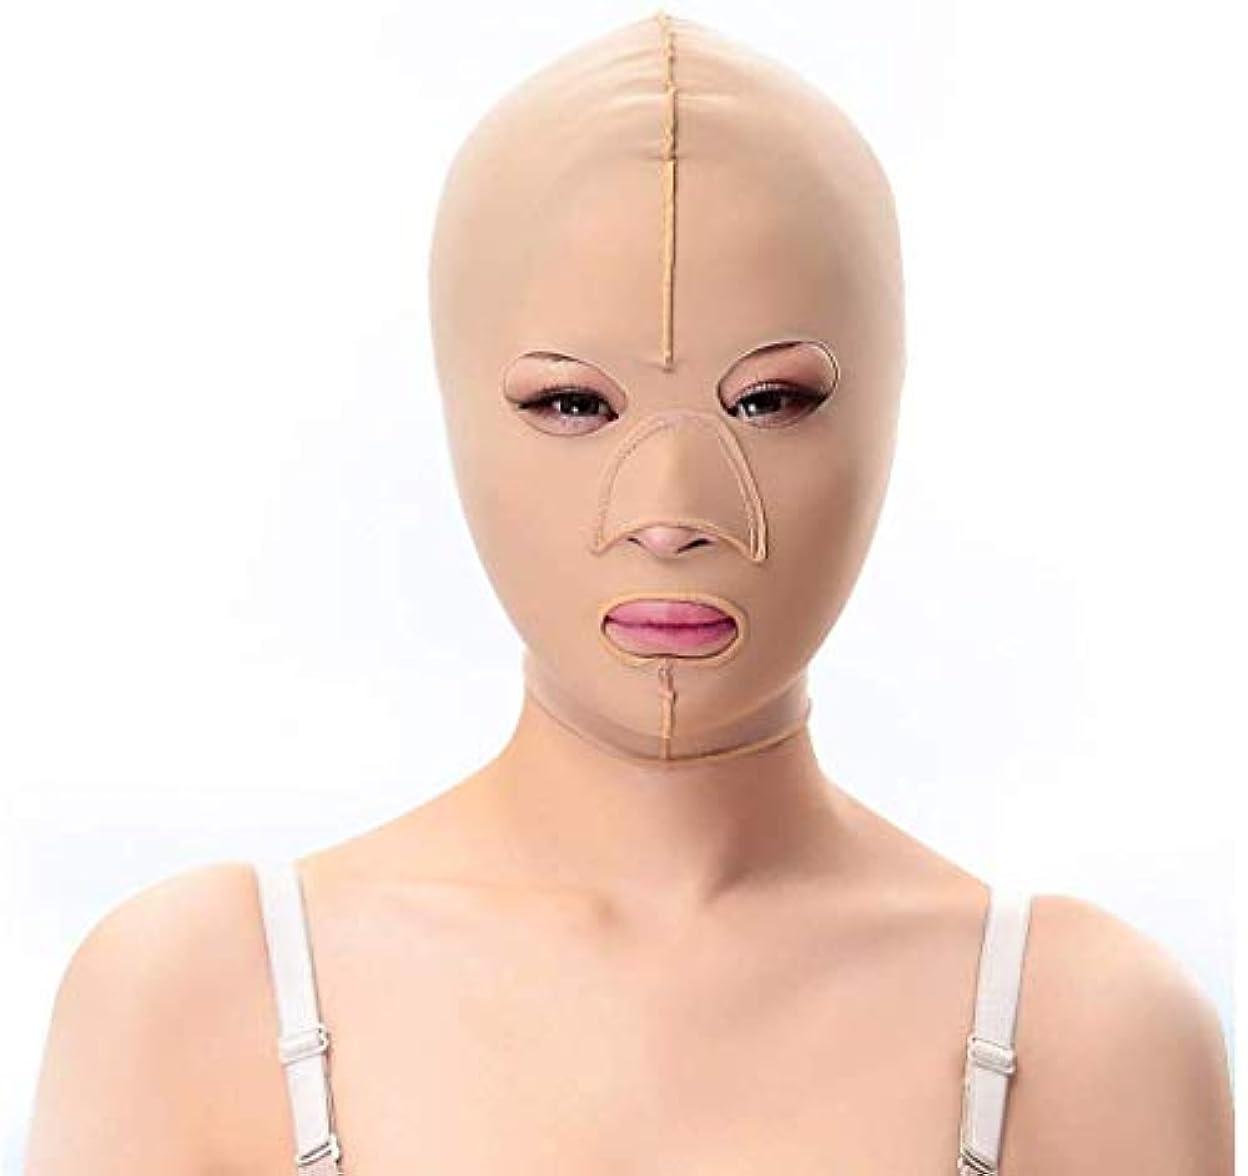 レキシコン本物の喜ぶスリミングVフェイスマスク、スリミングベルト、フェイシャルマスク薄いフェイスマスクから布パターンを持ち上げるダブルチンファーミングフェイシャルプラスチックフェイスアーティファクト強力なフェイスバンデージ(サイズ:M)